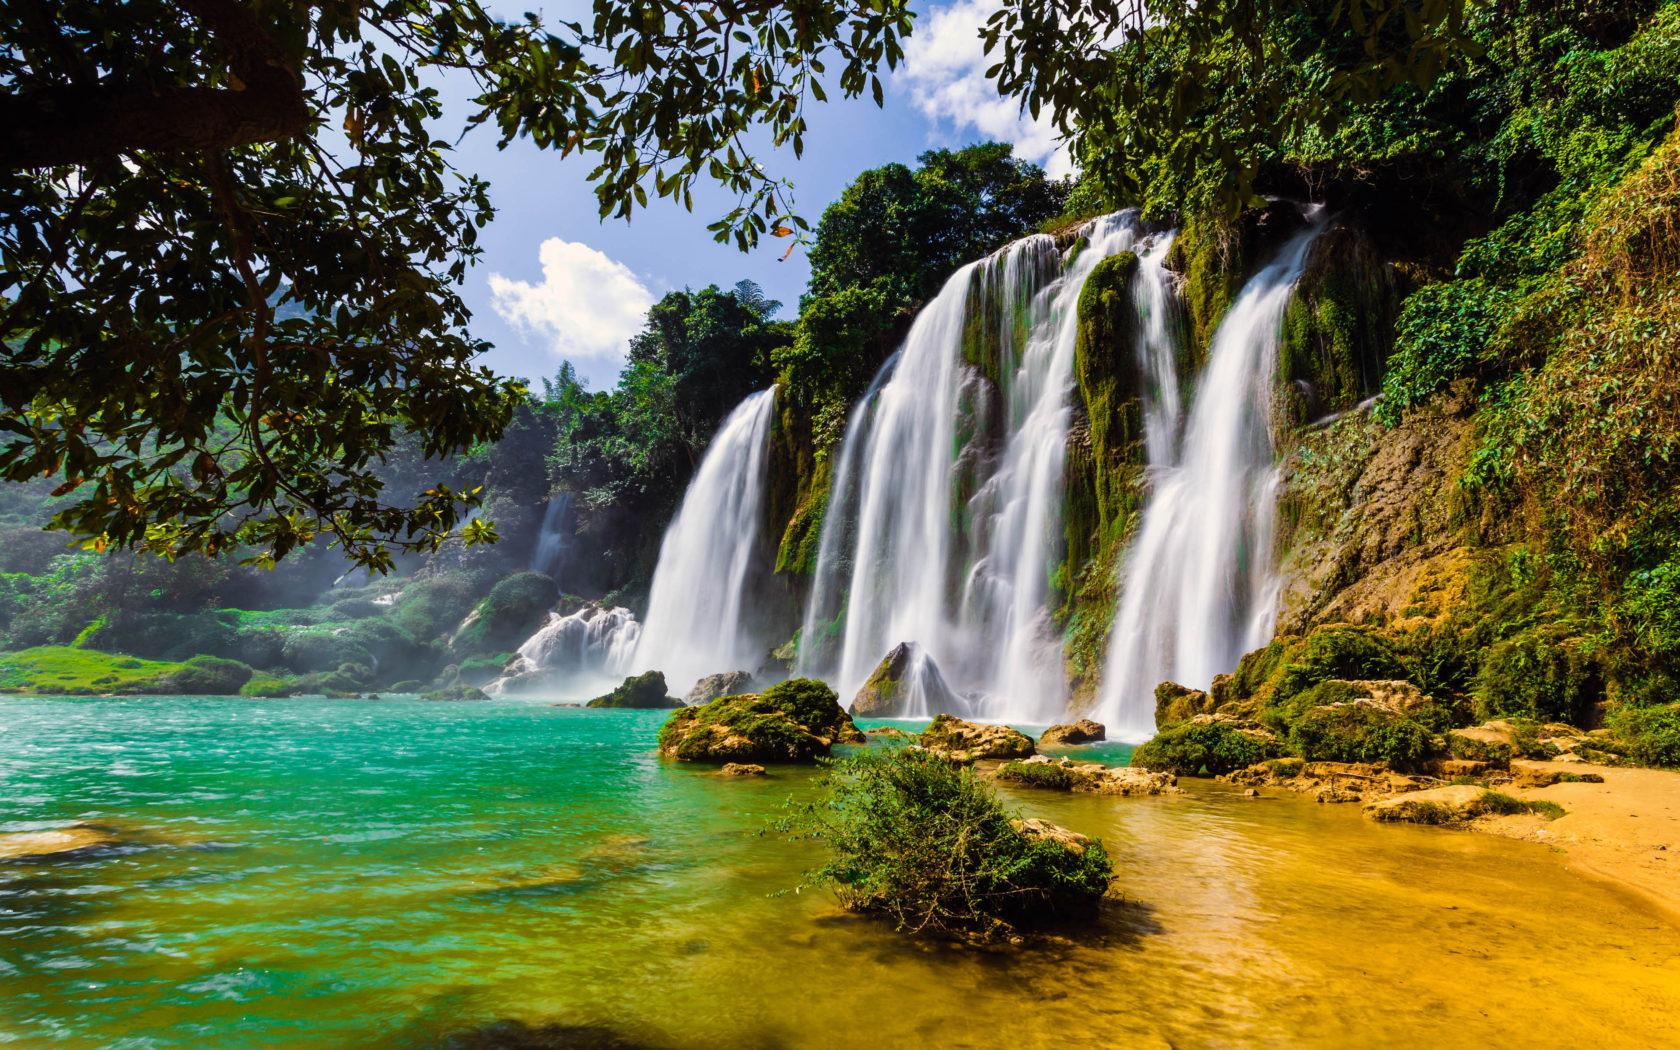 Kuang Si Falls Hd Wallpaper Ban Gioc Waterfall In China And Vietnam 4k Wallpapers Hd